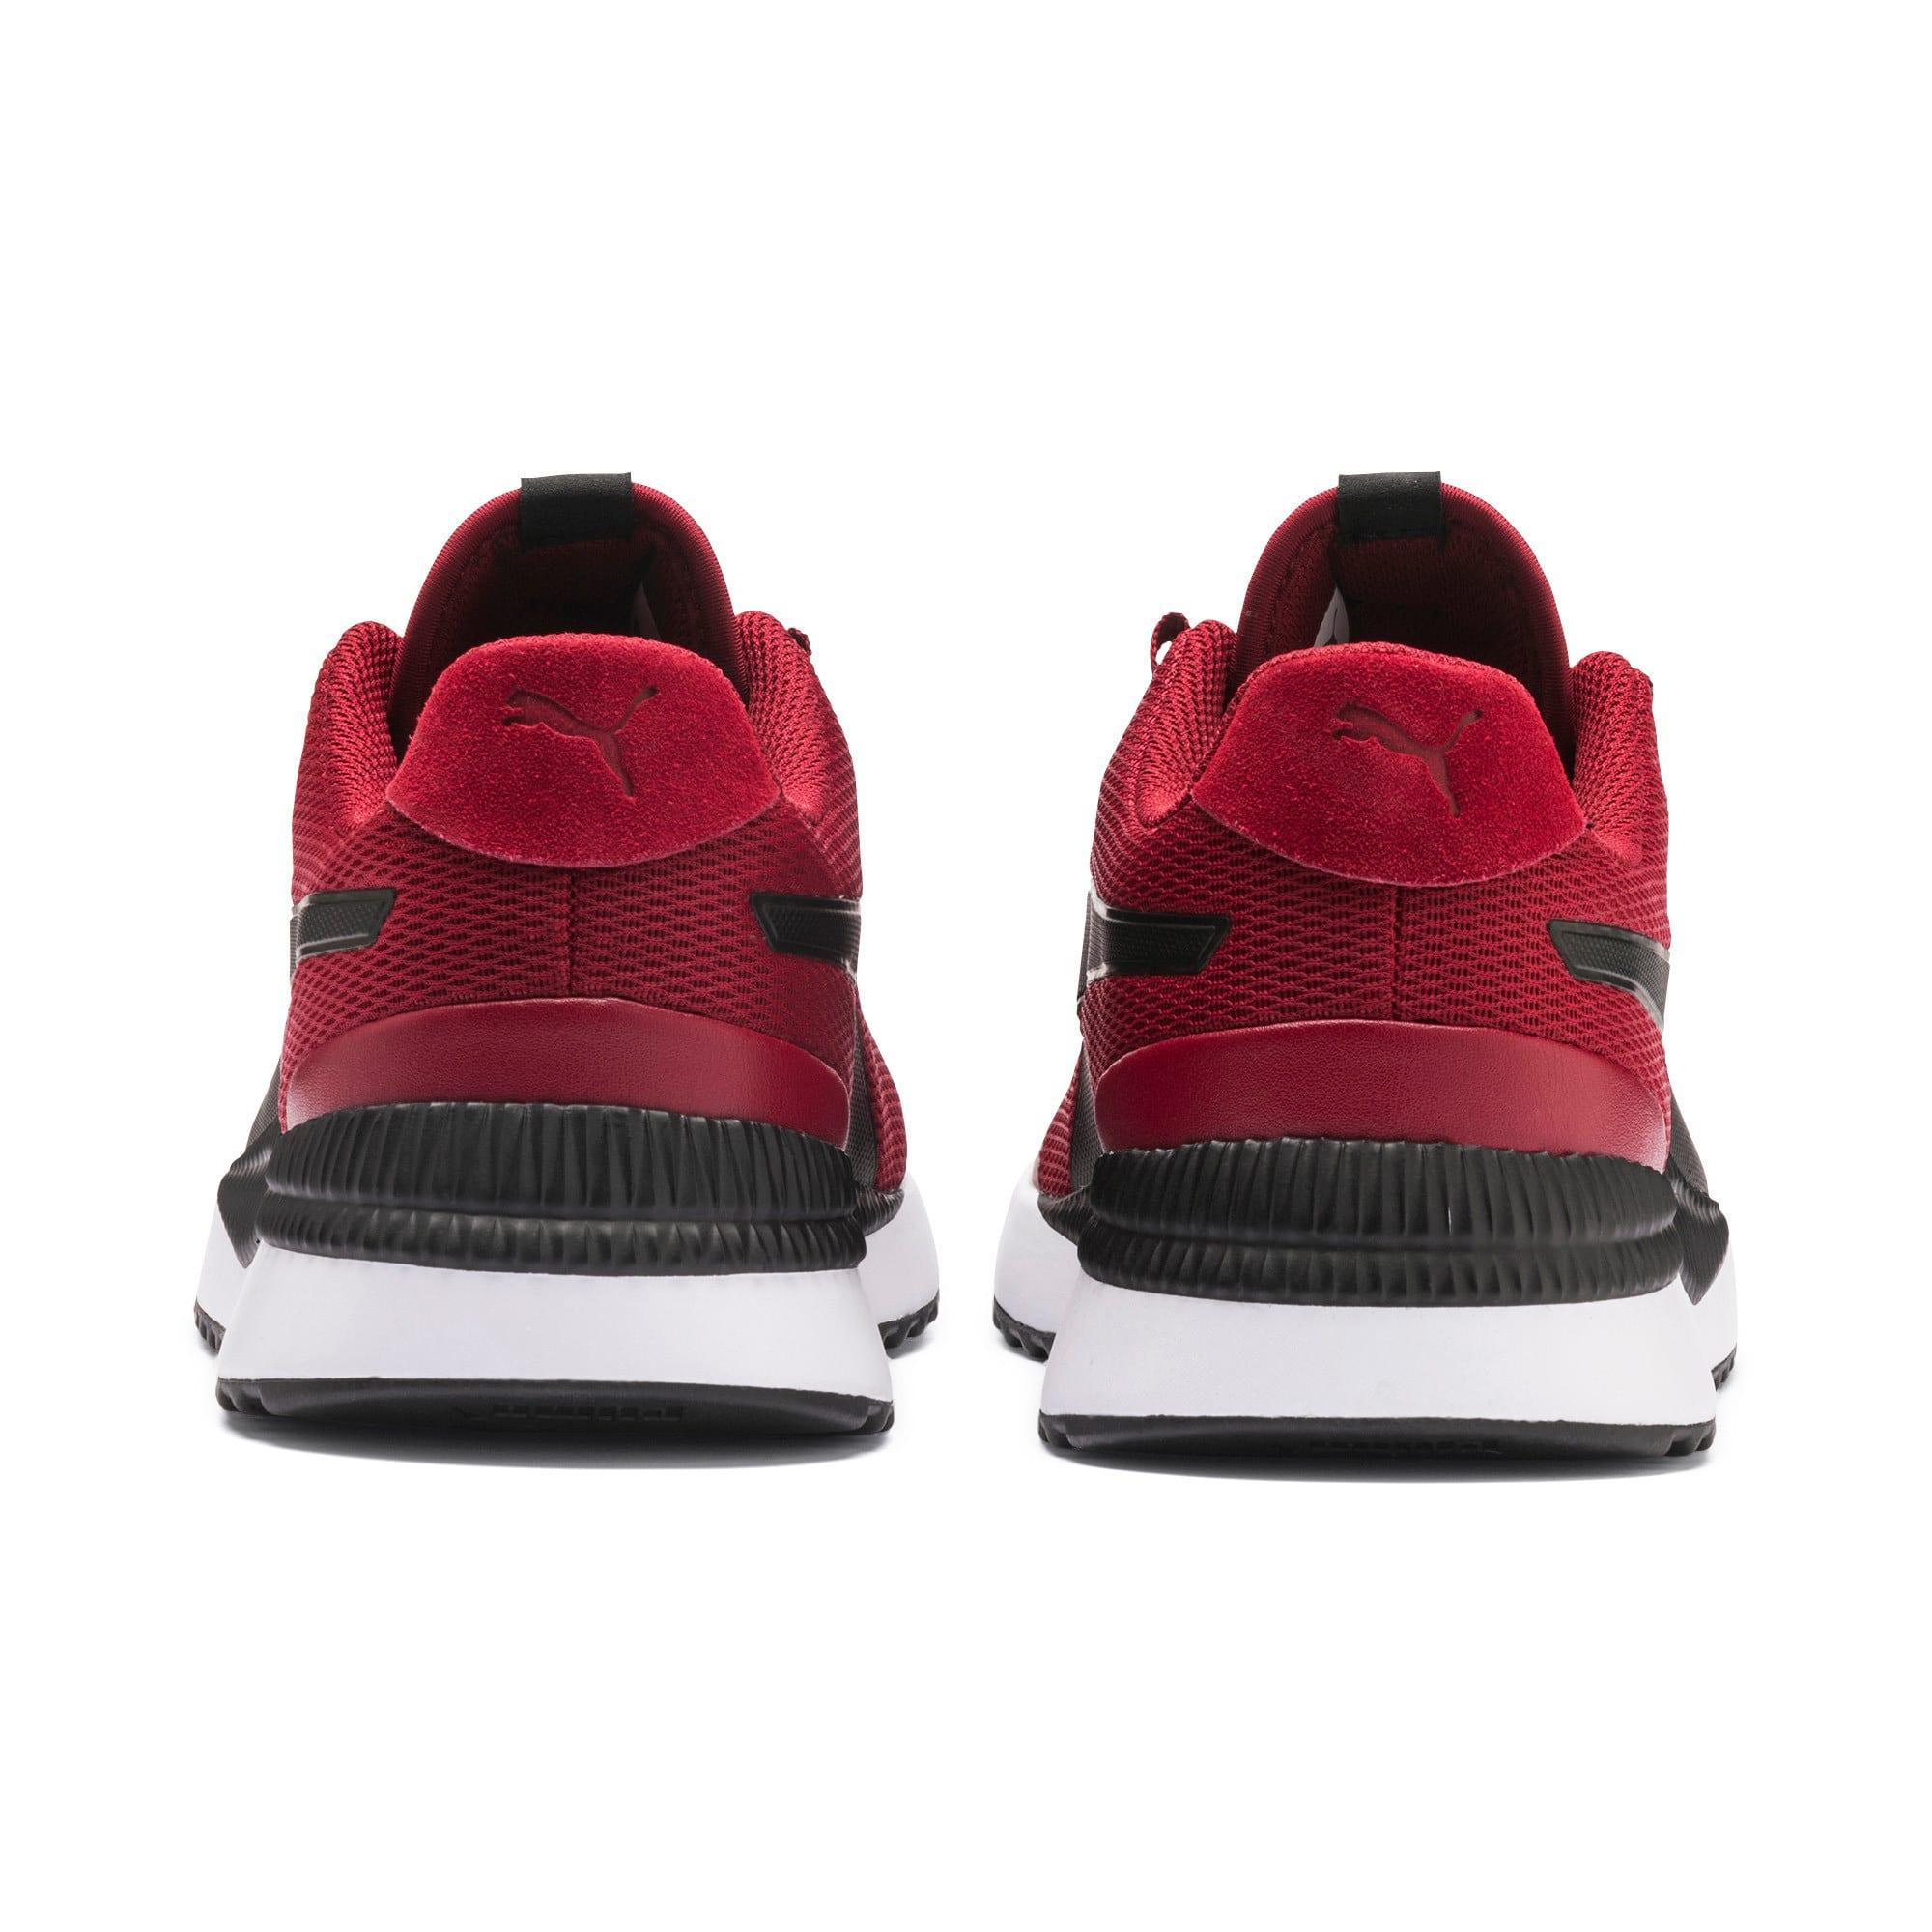 Miniatura 4 de Zapatos deportivosPacer Next FS, Rhubarb-Puma Black, mediano